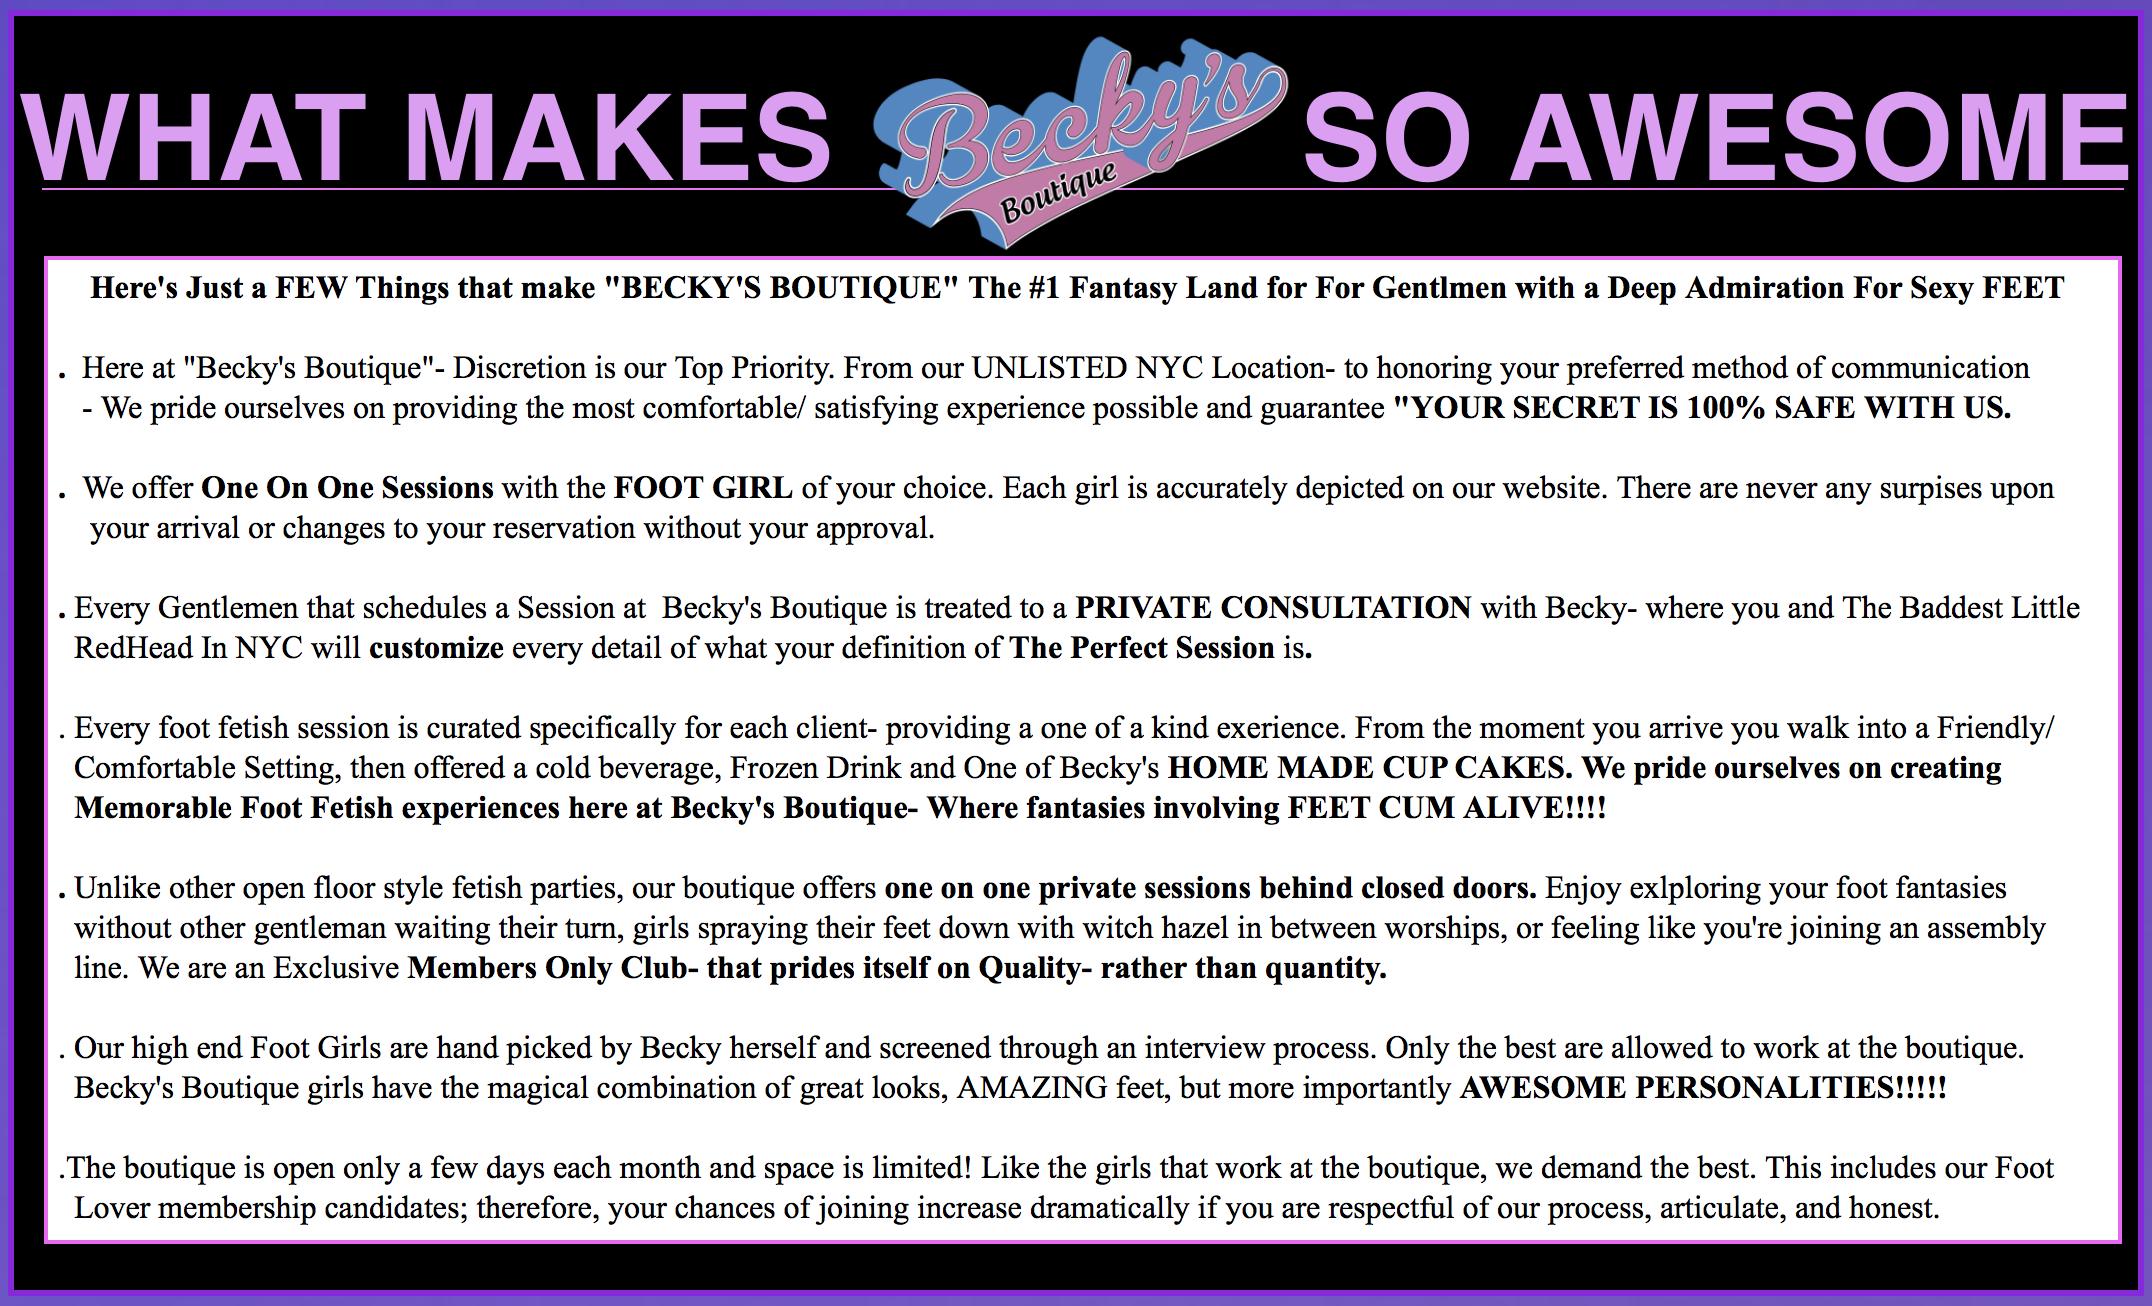 Becky's Boutique Fun & Flirty Info